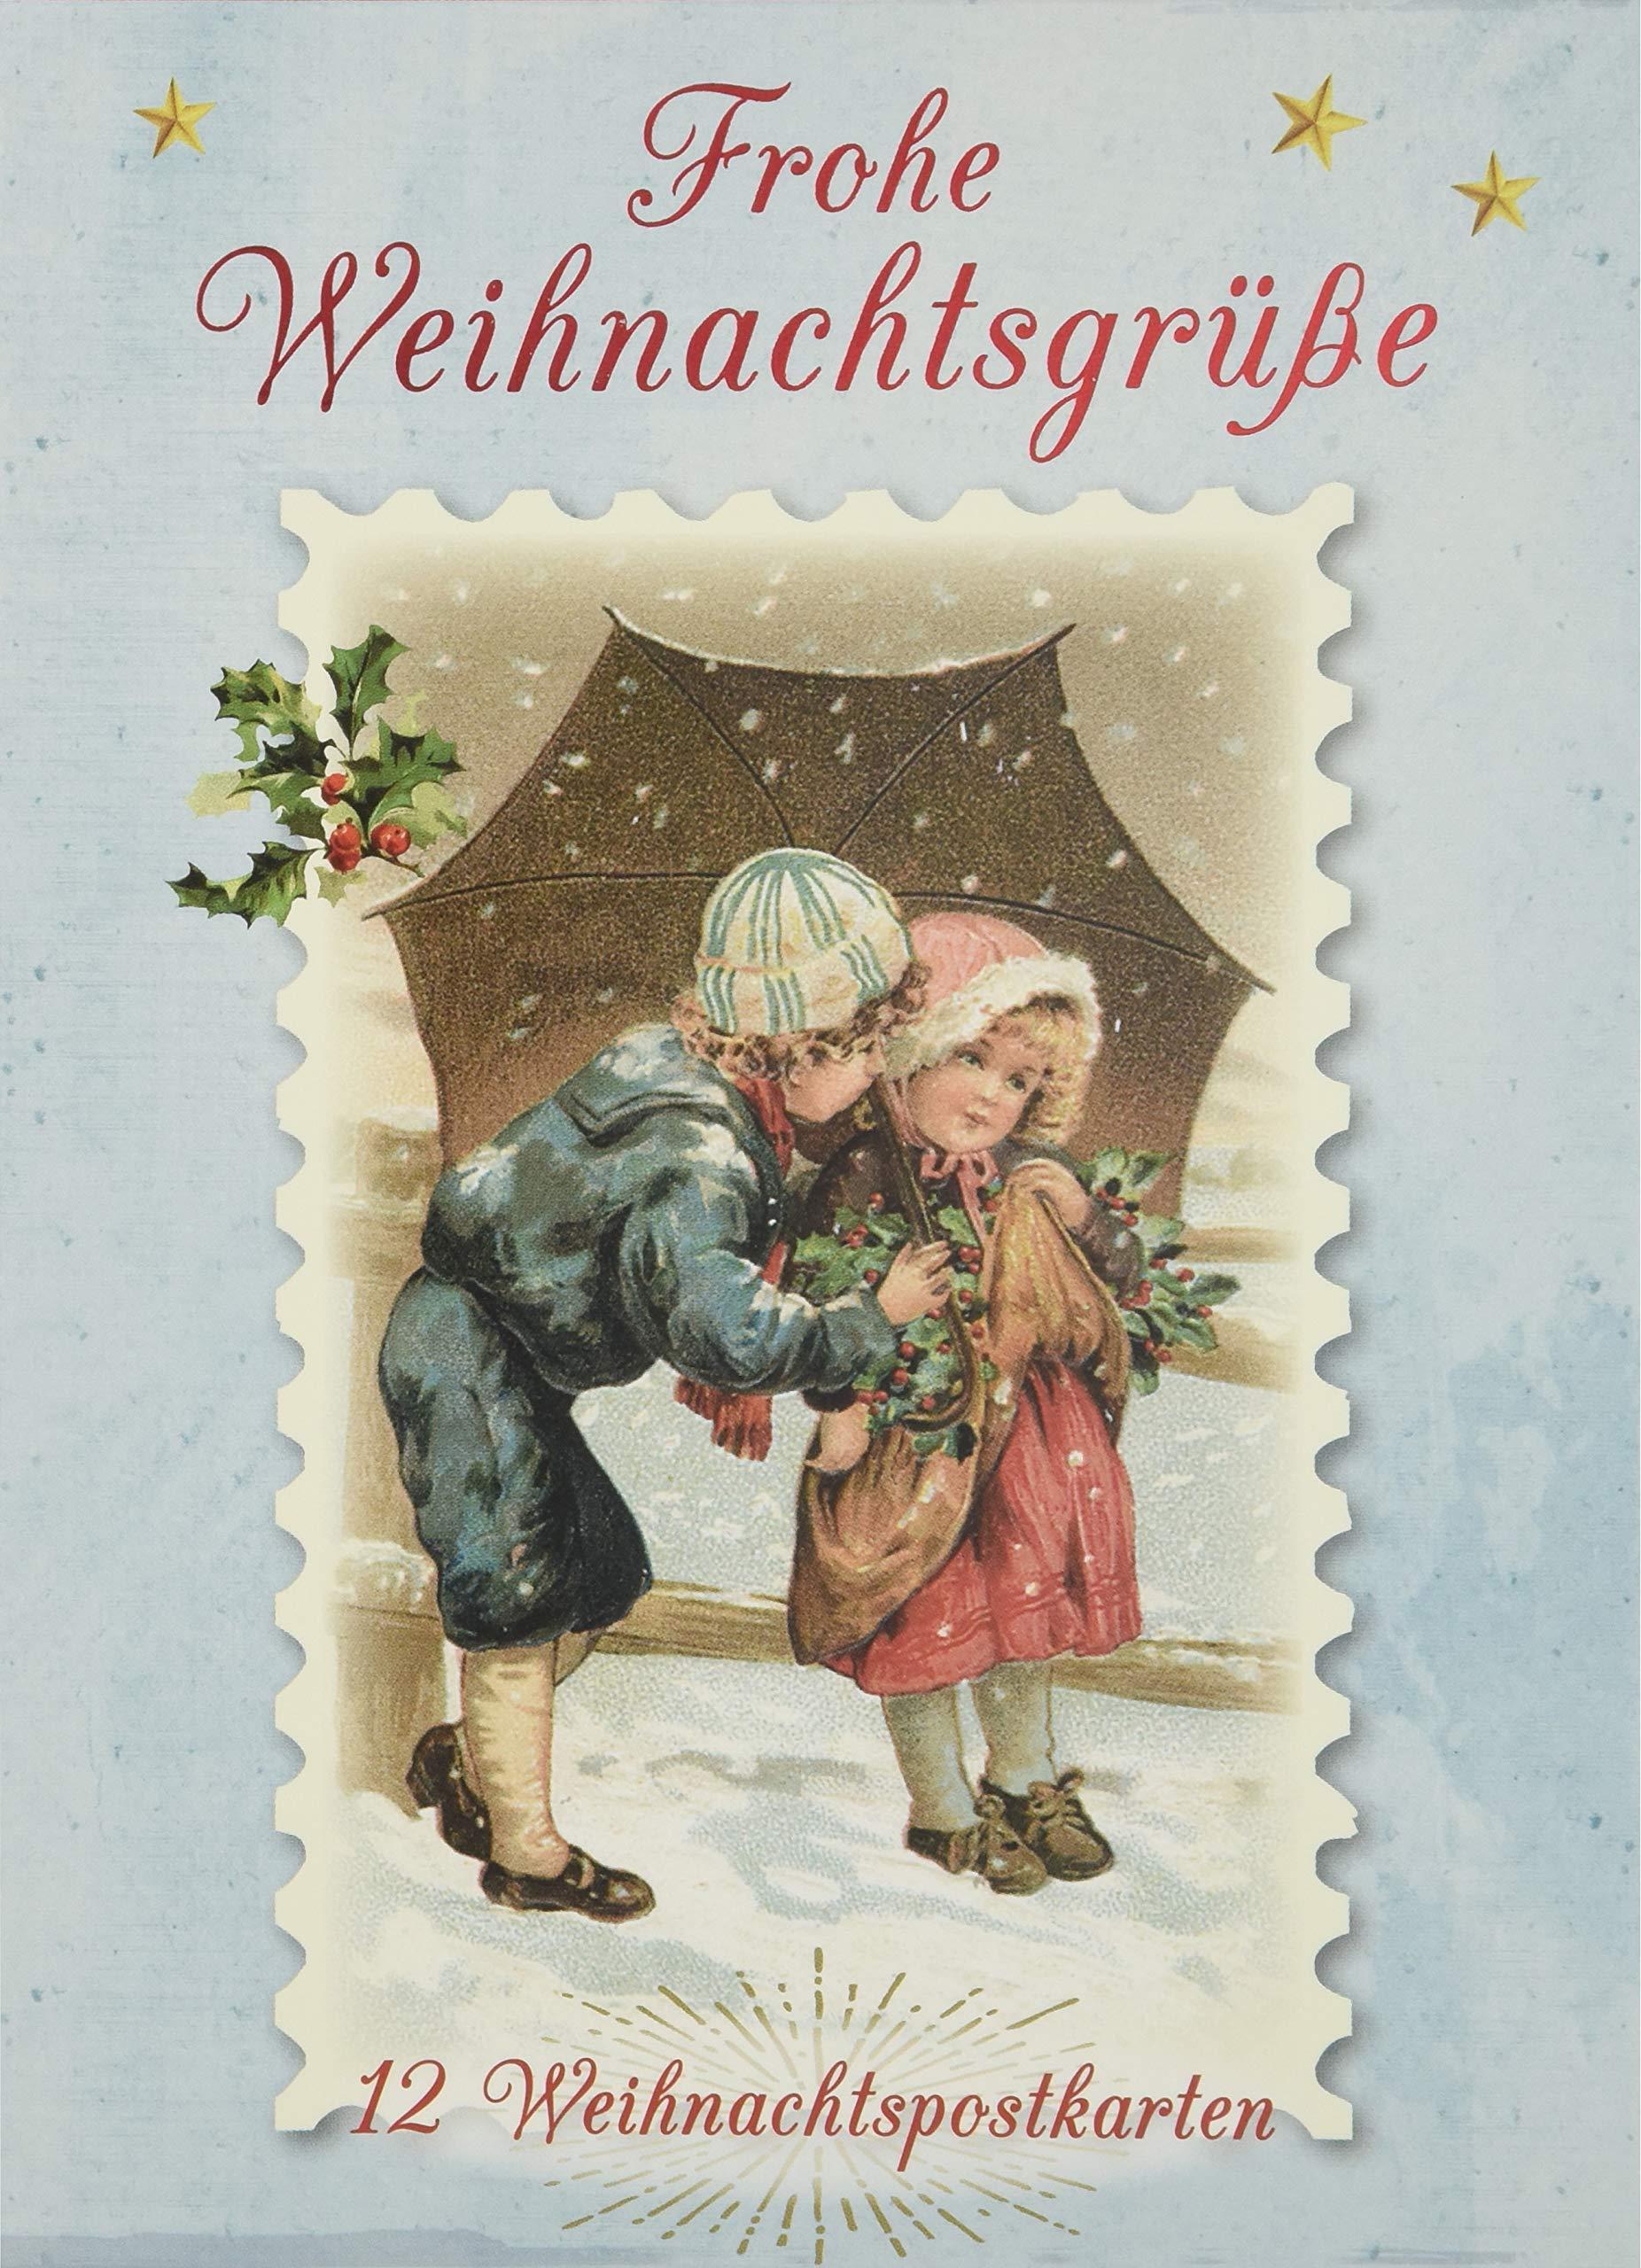 12 nostalgische Weihnachtskarten Weihnachtsgrüße